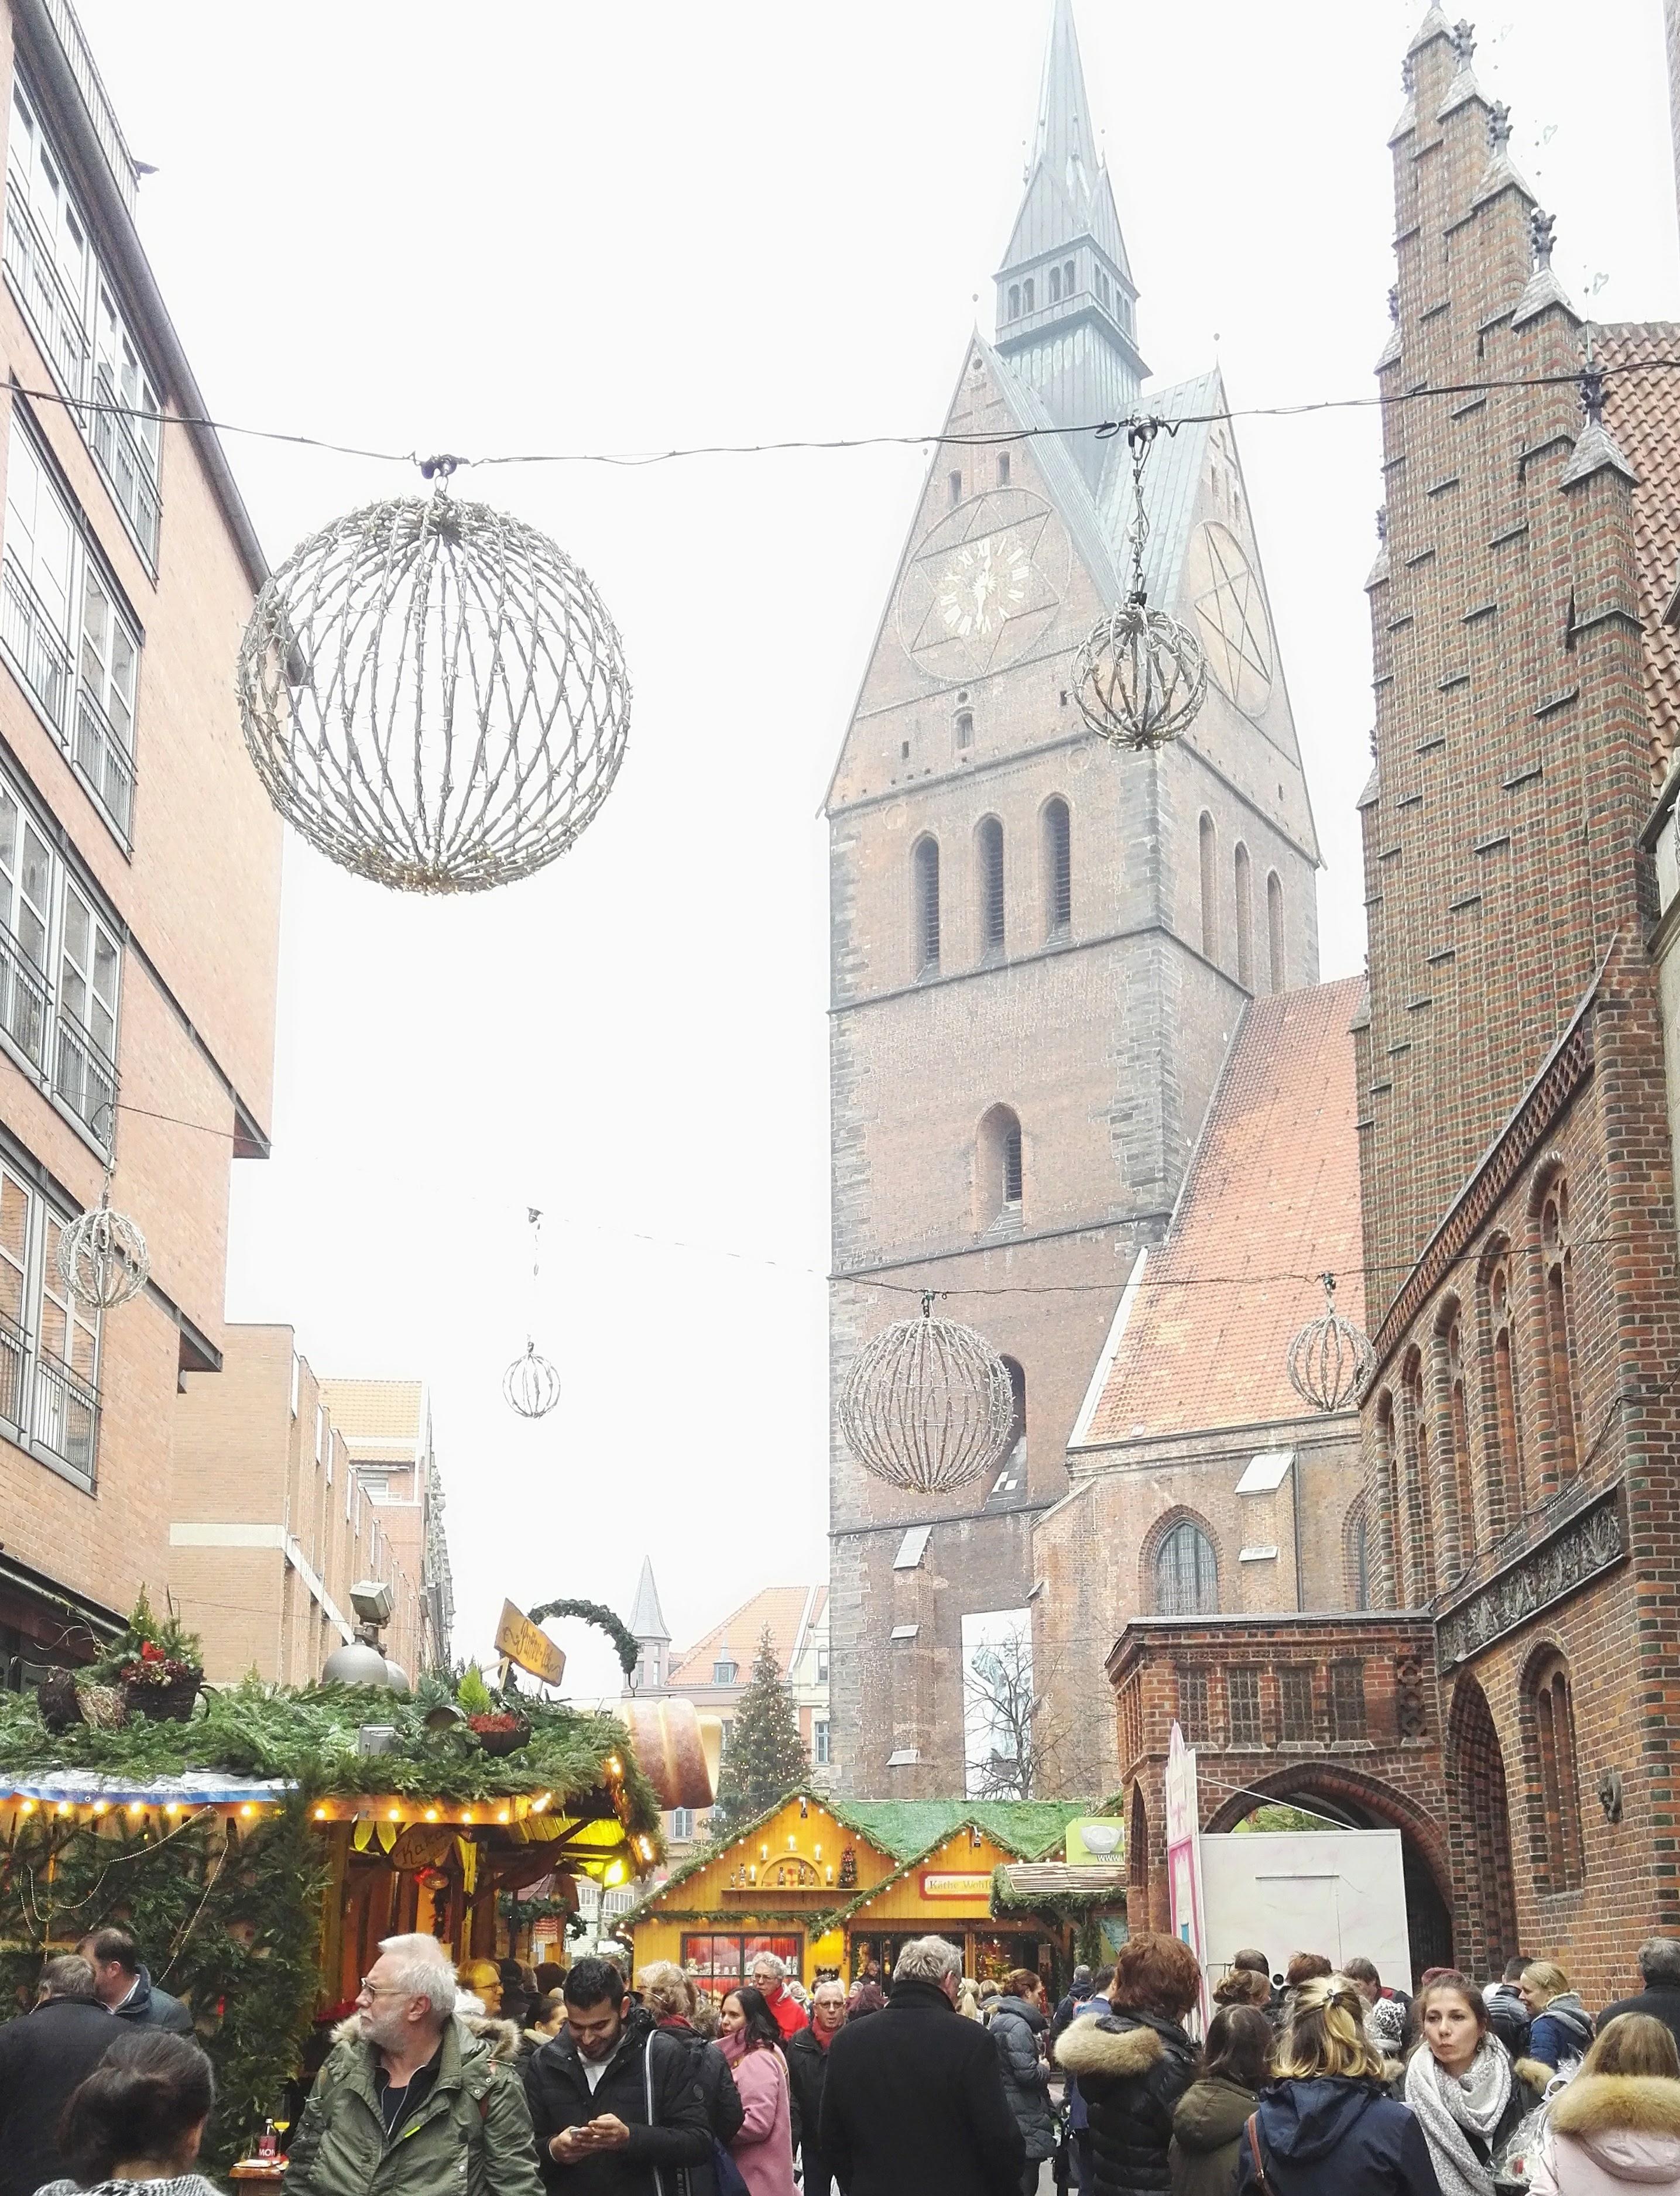 Mercats de Nadal d'Alemanya I